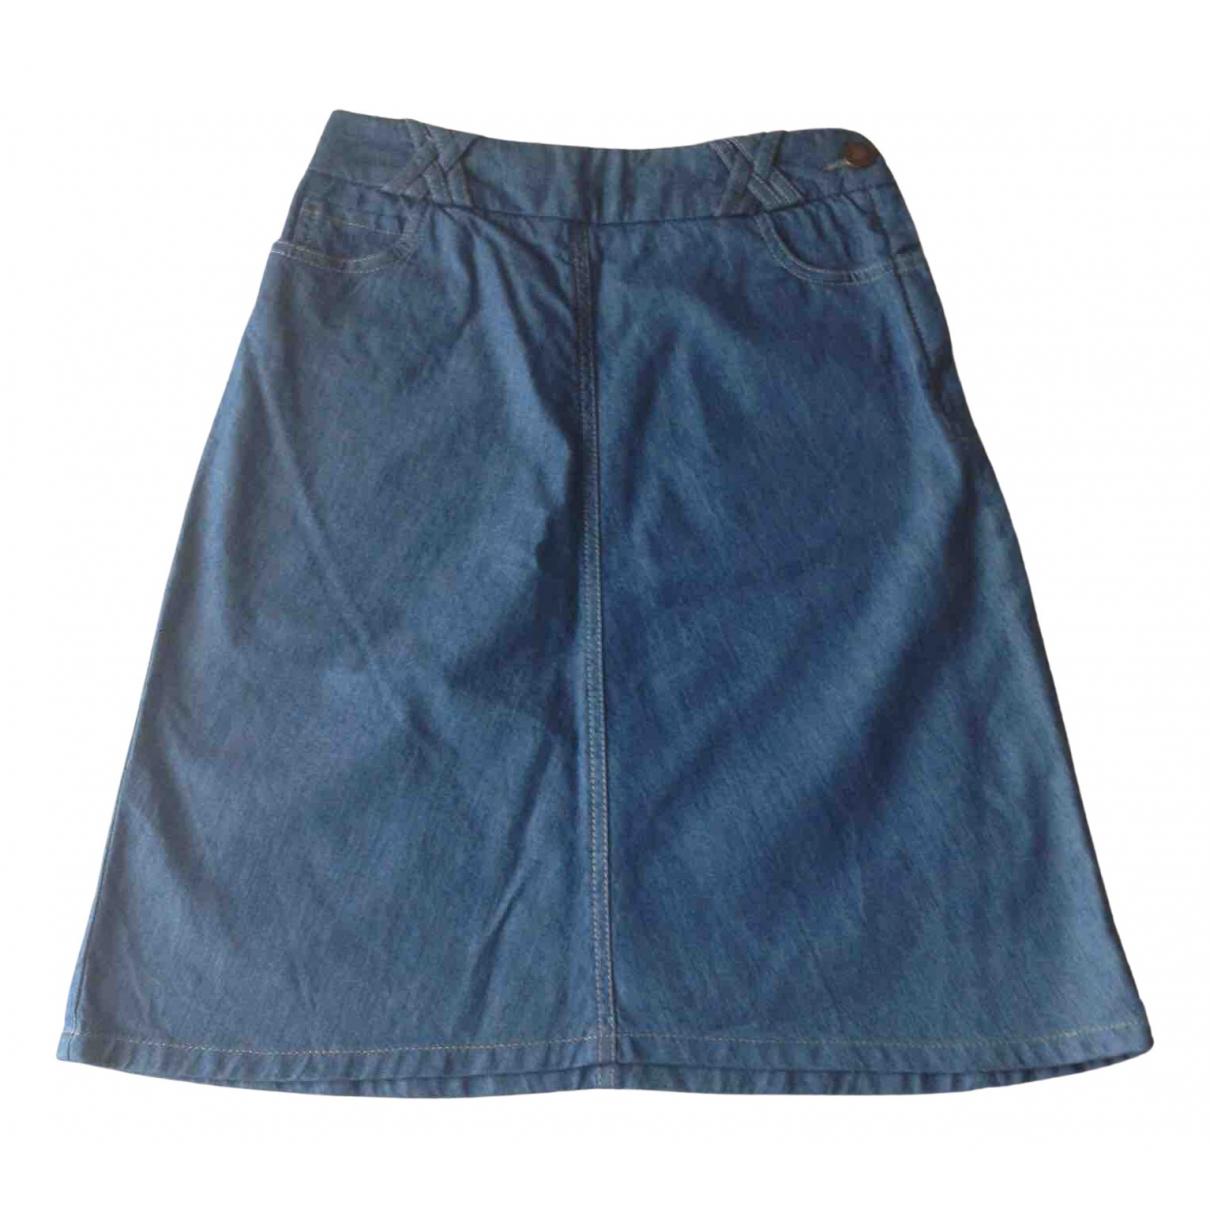 Sessun \N Blue Denim - Jeans skirt for Women 38 FR